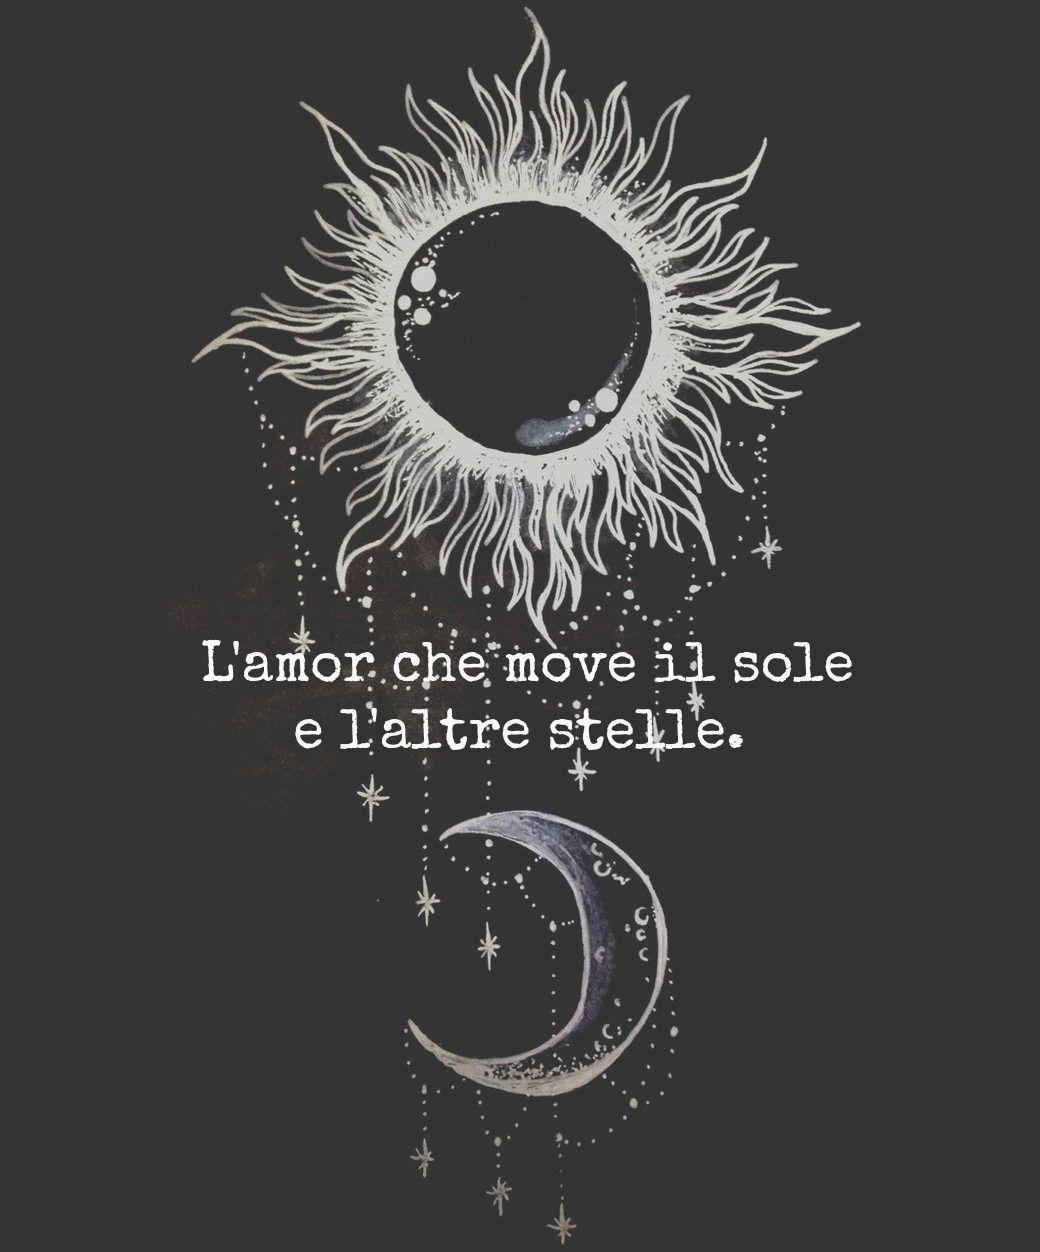 """""""L'amor che move il sole e l'altre stelle (The love that moves the sun and the other stars)""""   ― Dante Alighieri, The Divine Comedy"""